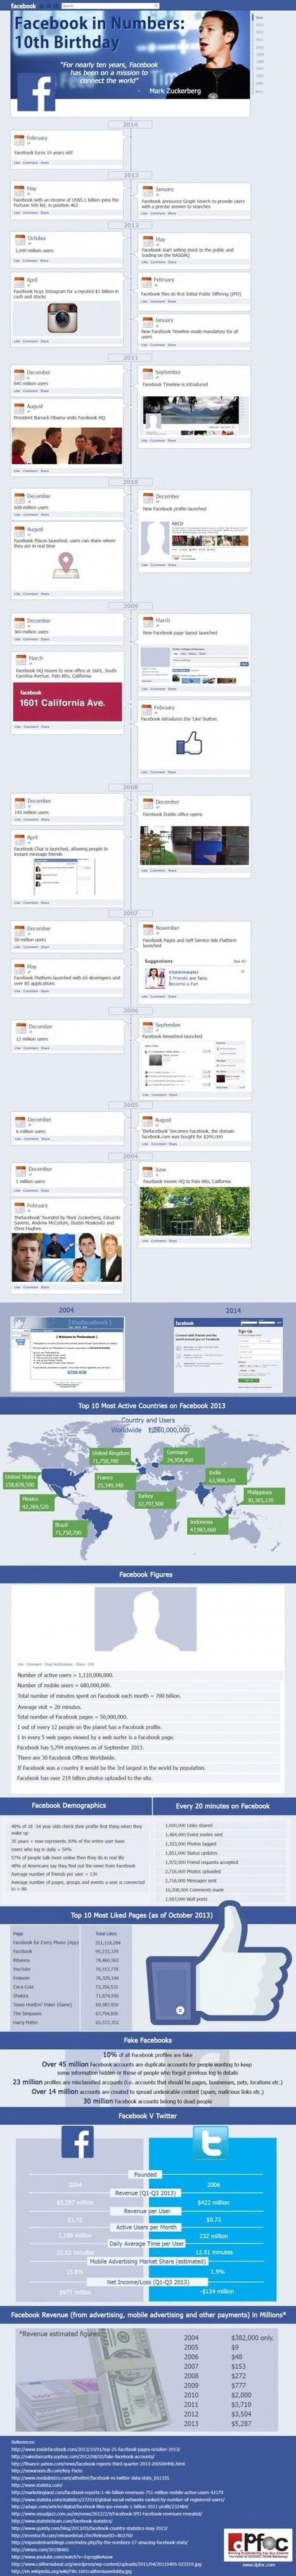 30 Statistiques à Connaître pour les 10 ans de Facebook [Infographie] | Emarketinglicious | Social Media | Scoop.it